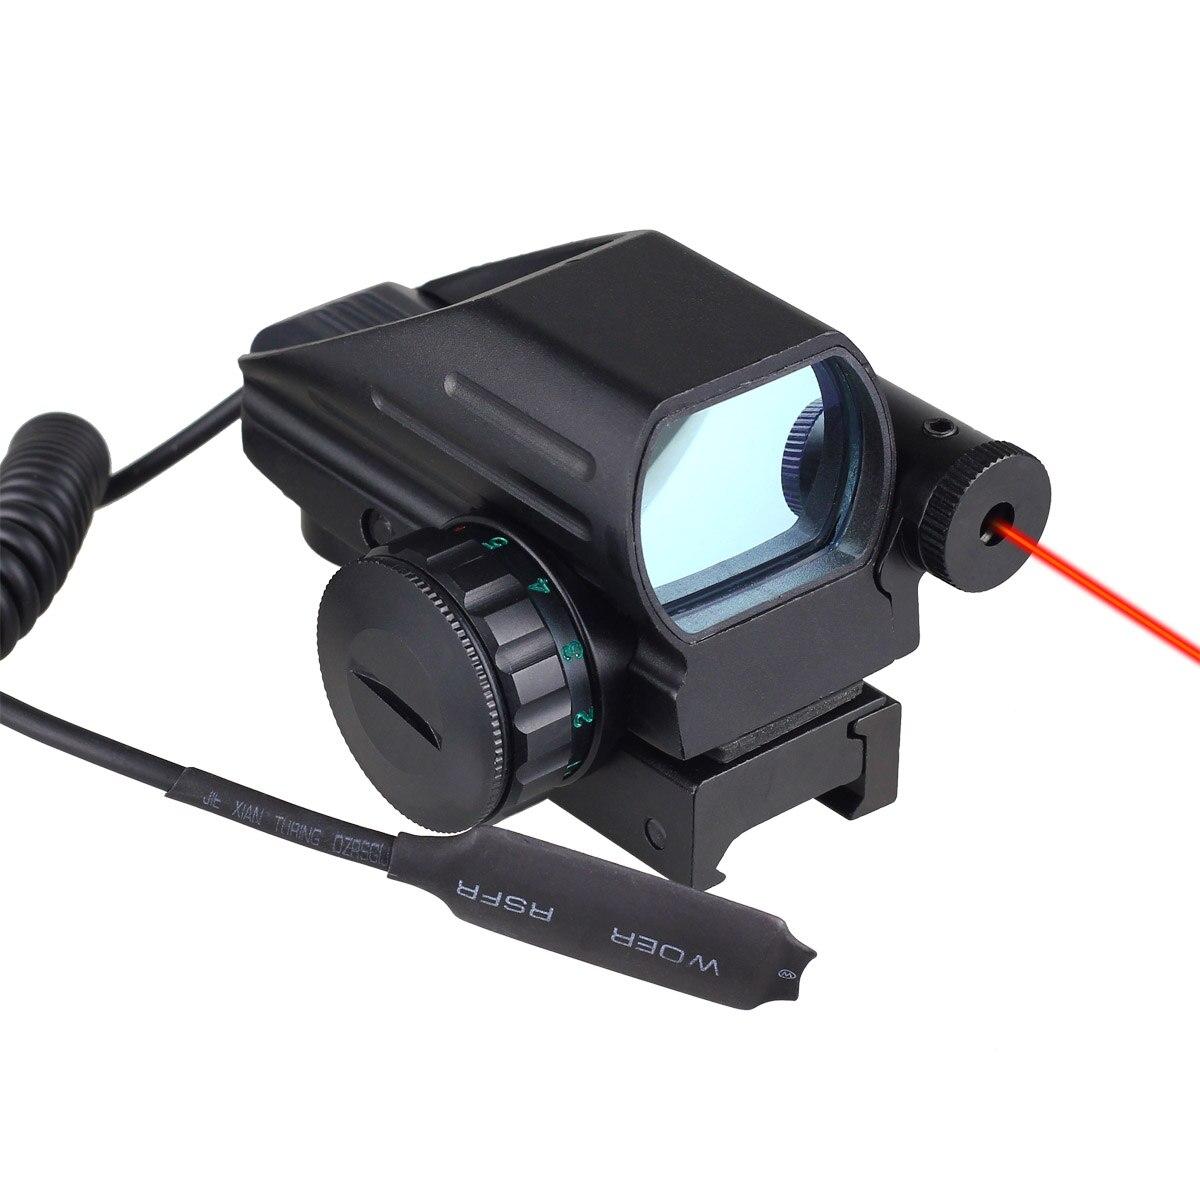 Olografica Laser Mirino Reflex 4 Rosso Verde del Puntino del Reticolo Picatinny Rail 20mm per AR Fucile 12ga Fucile Airsoft caccia